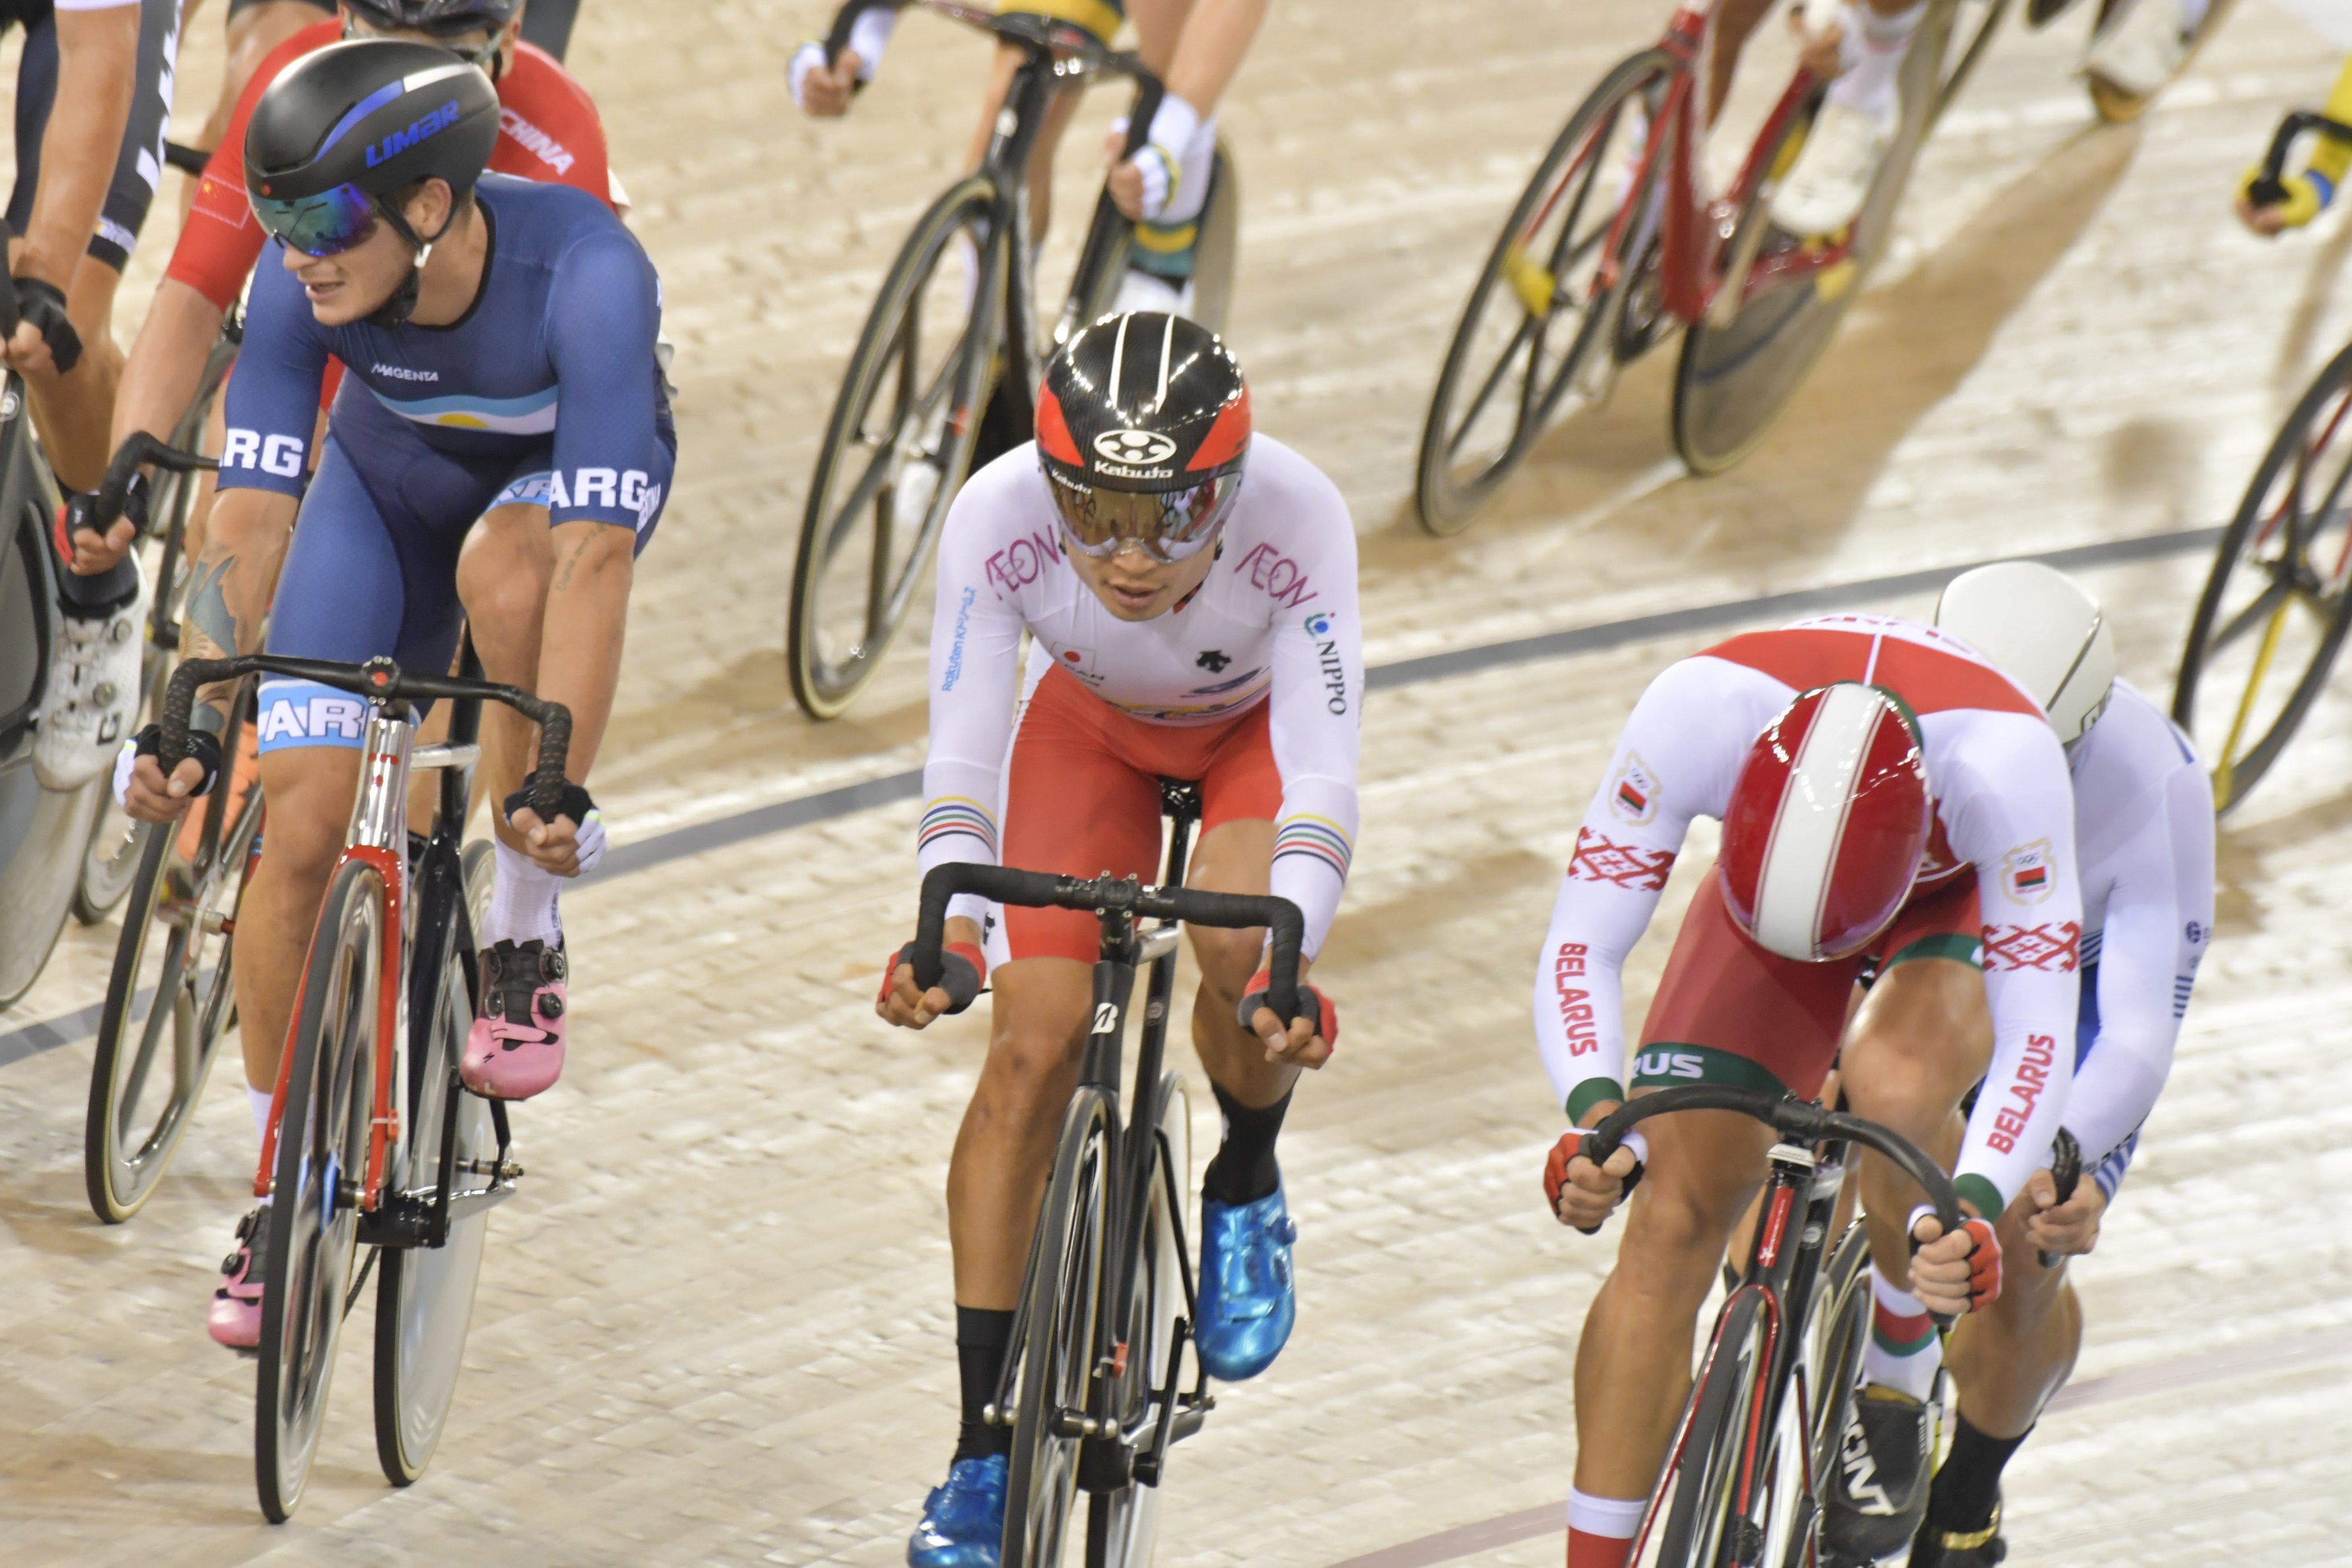 男子オムニアムで橋本が4位、世界水準の強さ示す【'19-'20 UCIトラックW杯第4戦ニュージーランド】